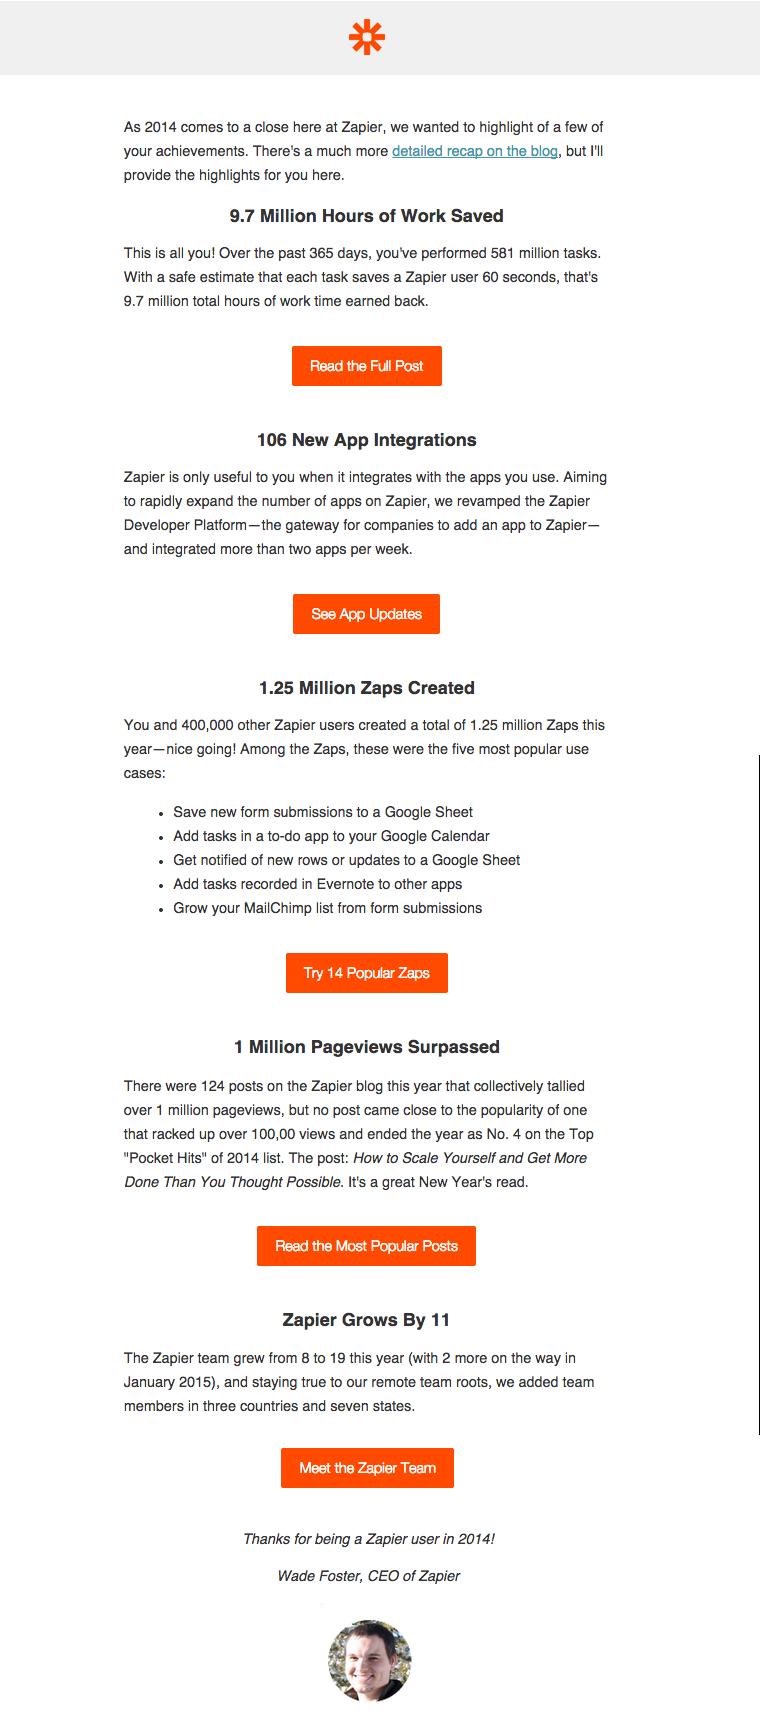 26 полезных советов из области email-маркетинга от самых успешных компаний со всего мира